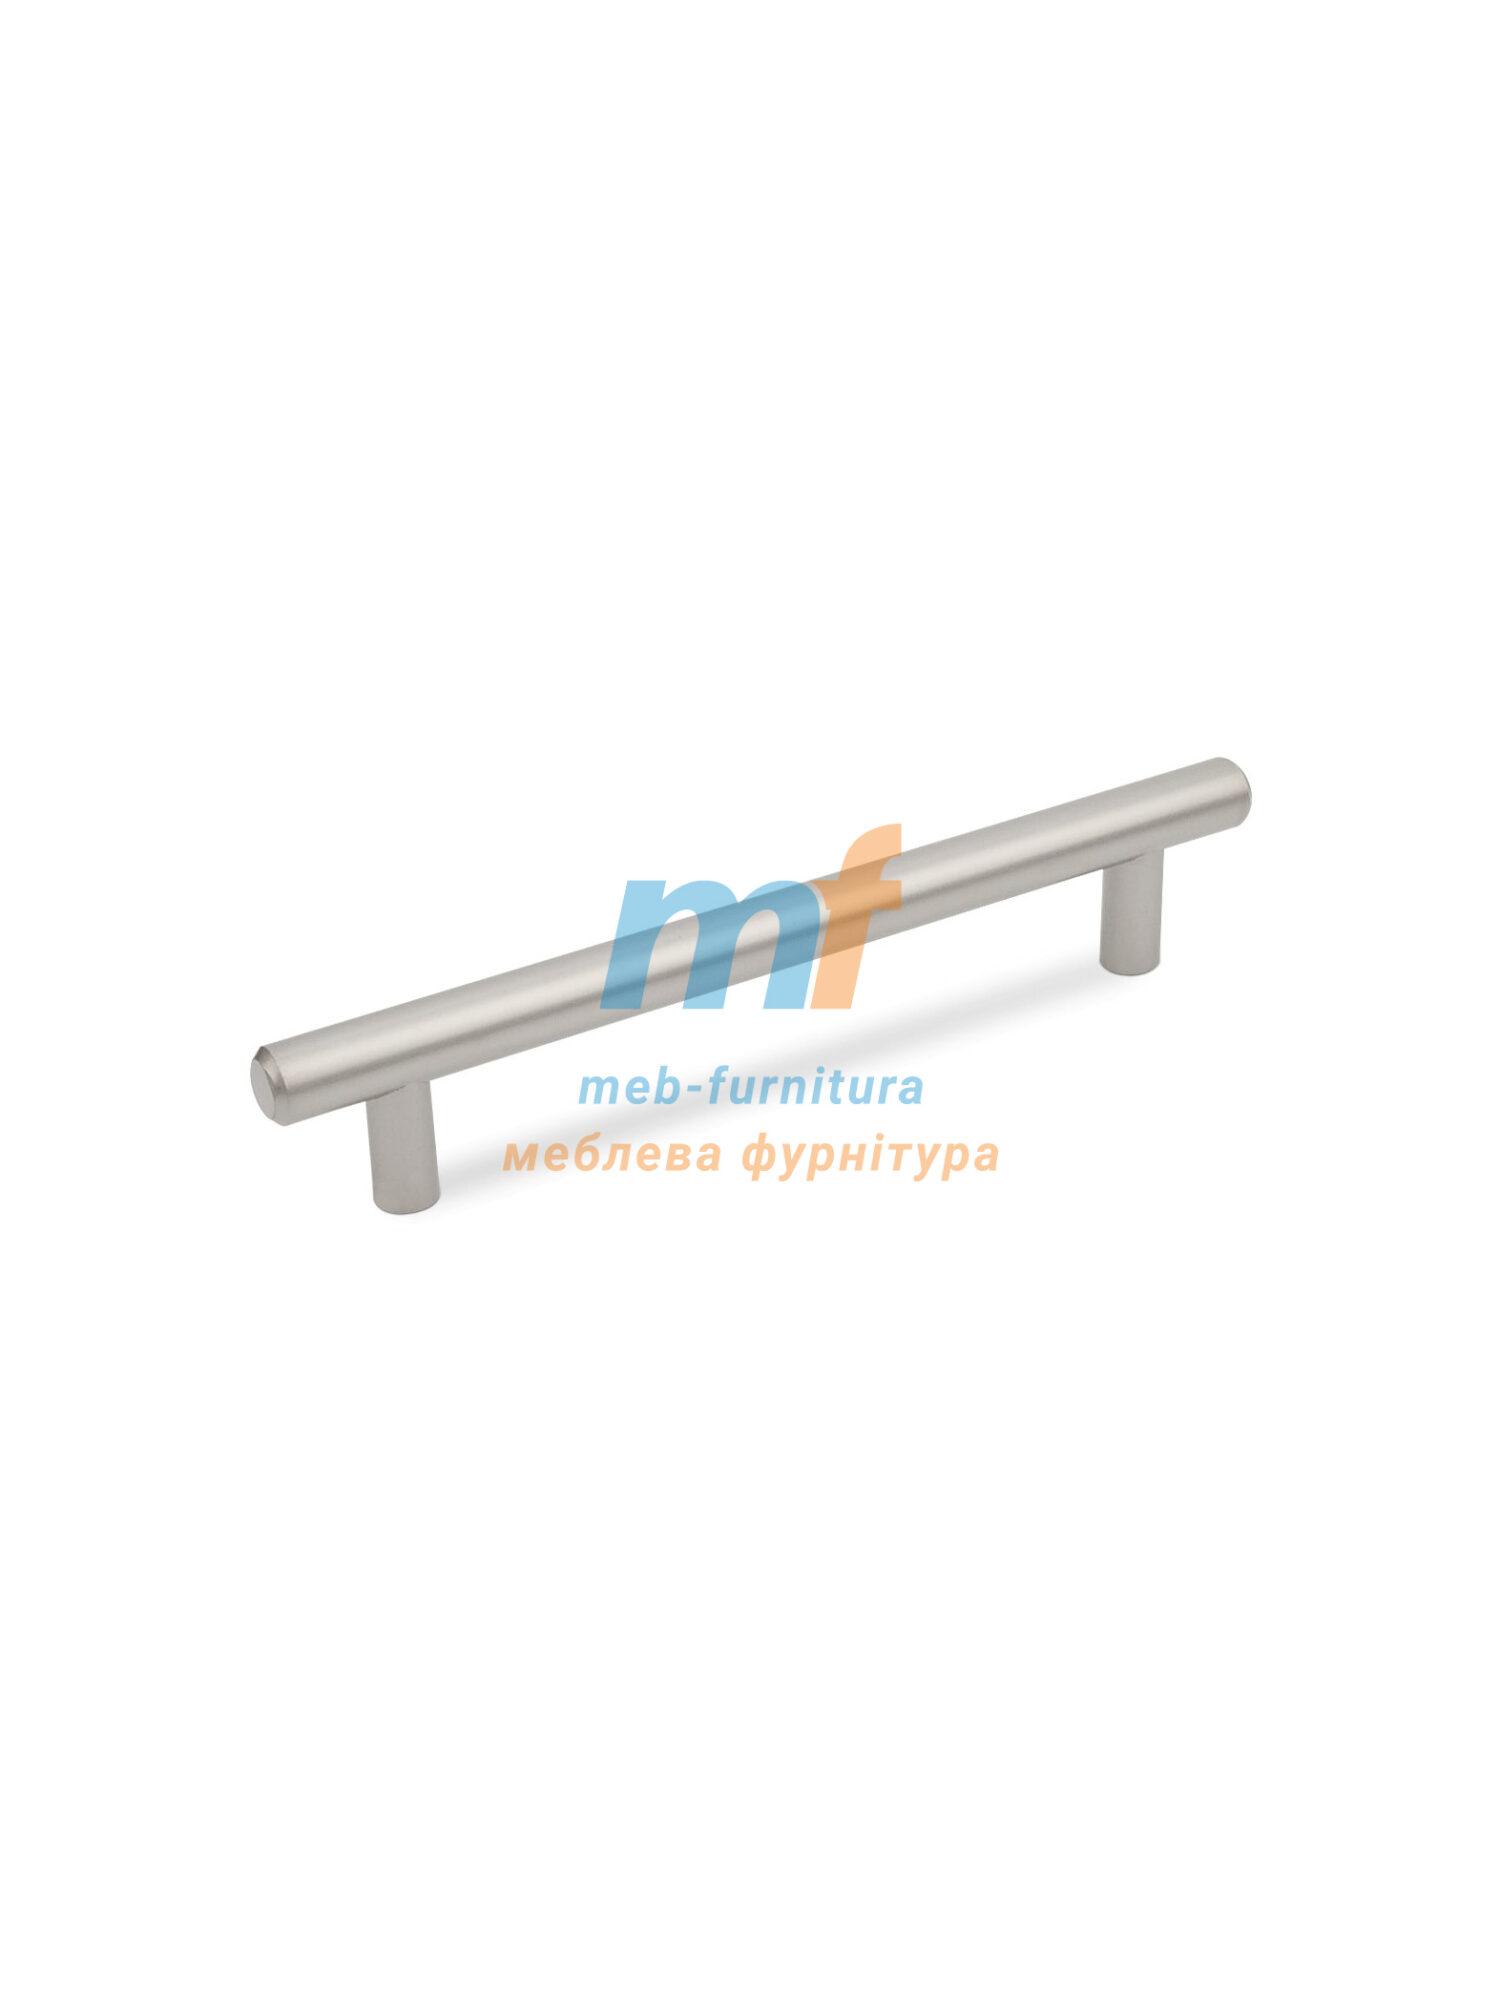 Ручка мебельная релинг 416мм - сатин